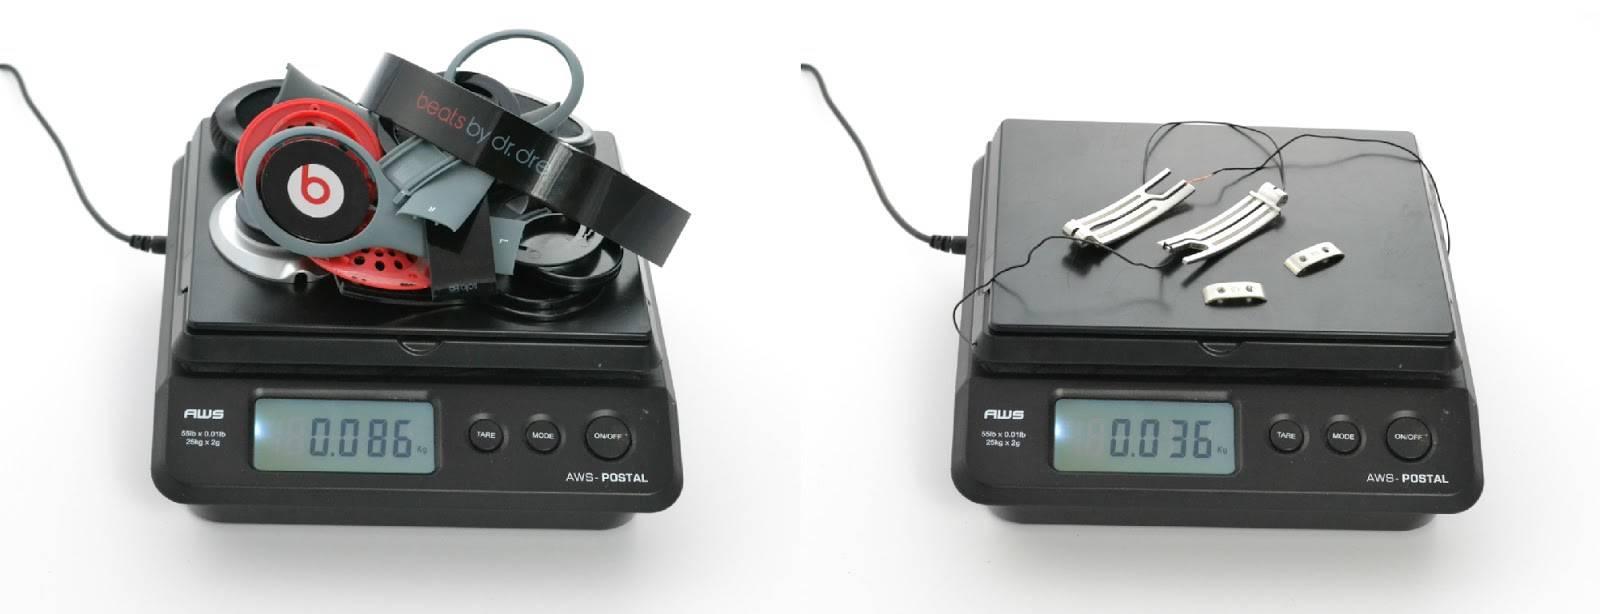 从物料角度分析,Beats 耳机是怎样坑你钱的?